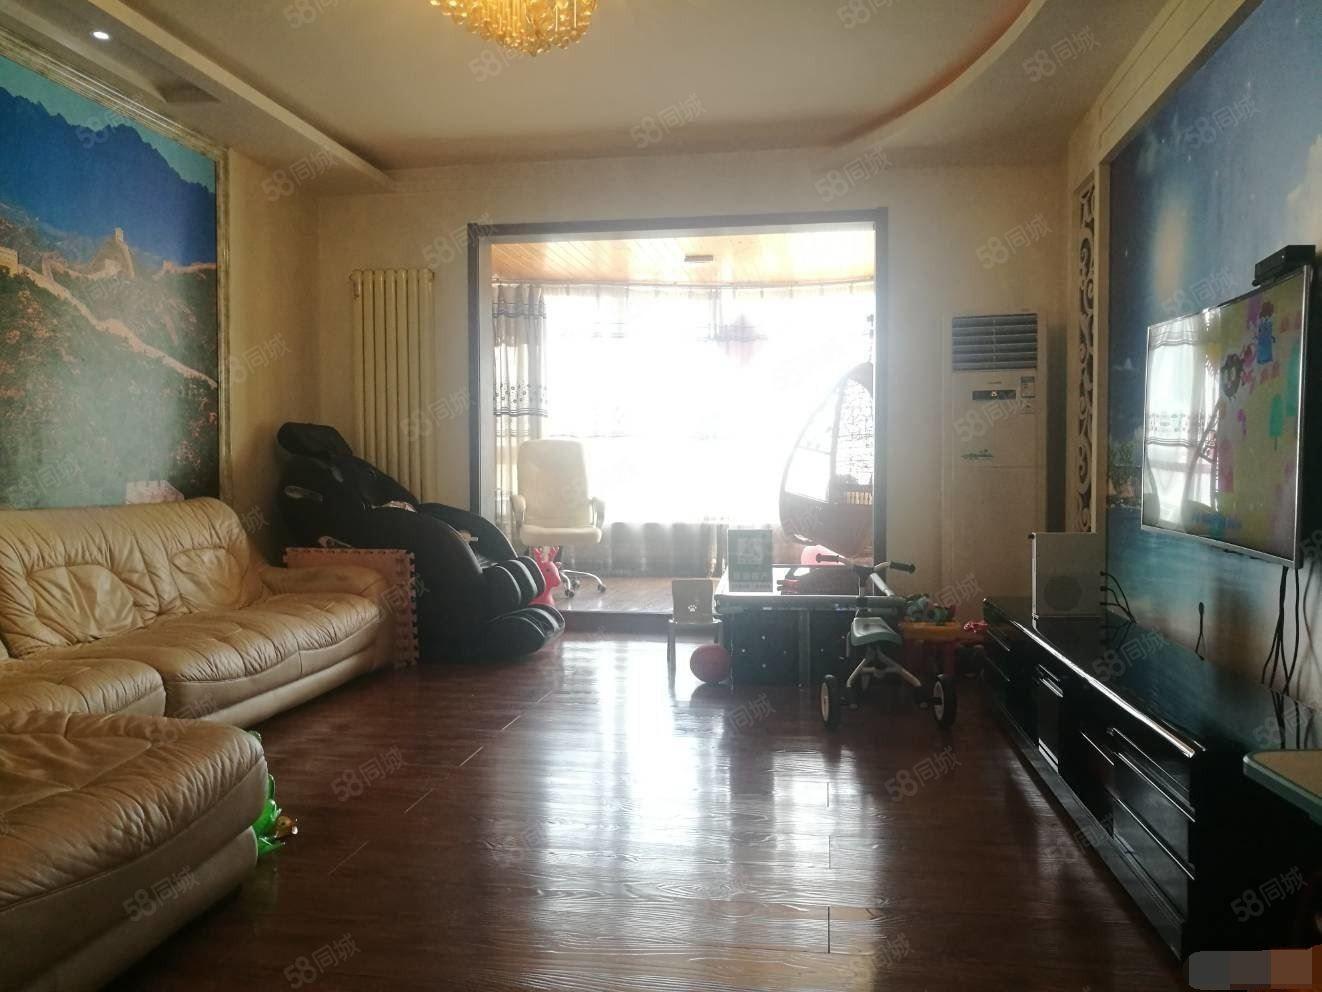 新城区建委家属院精装大三室电梯房一梯两户停车免费!